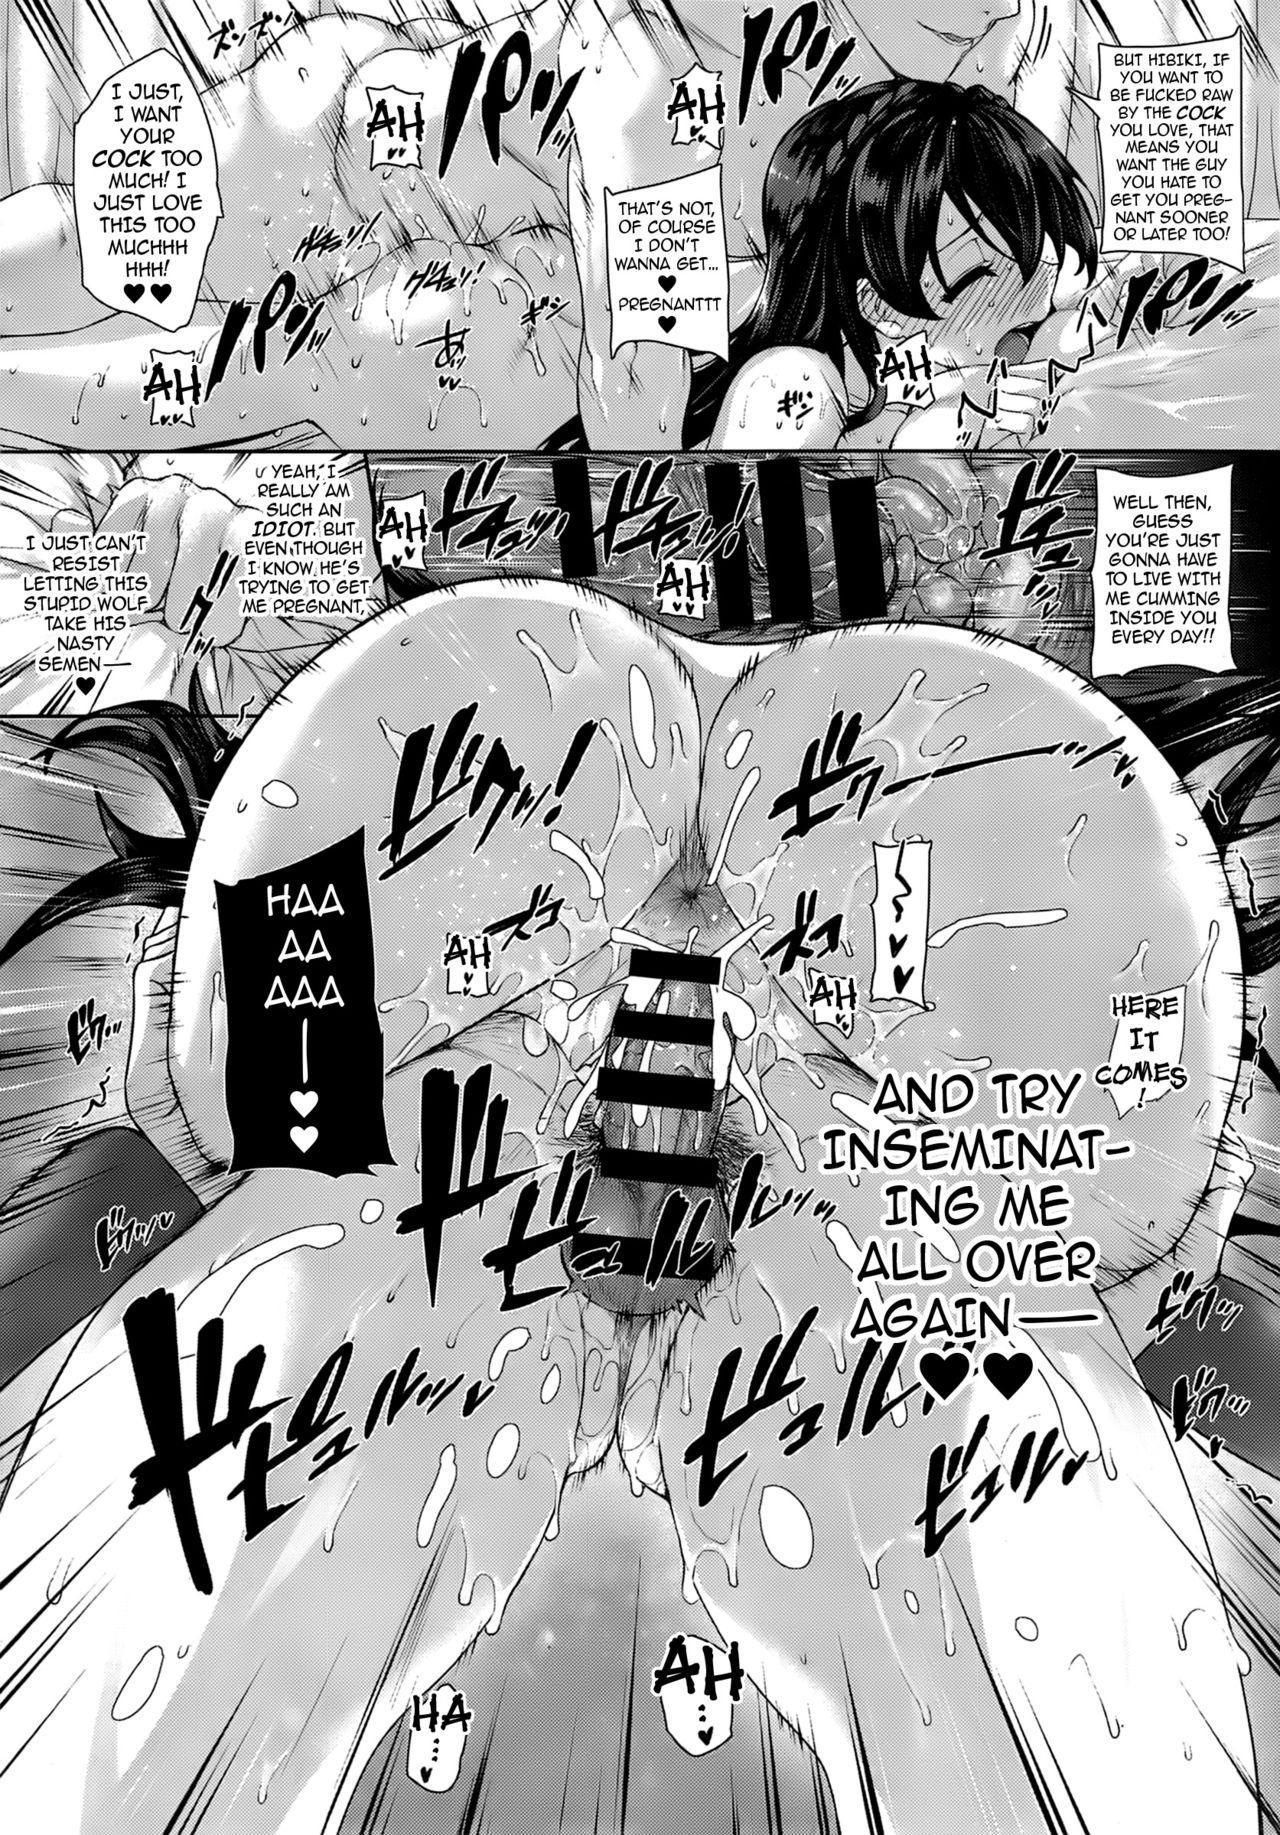 [Katsurai Yoshiaki] Amatsuka Gakuen no Ryoukan Seikatsu | Angel Academy's Hardcore Dorm Sex Life 1-2, 4-9 [English] {darknight} [Digital] 28